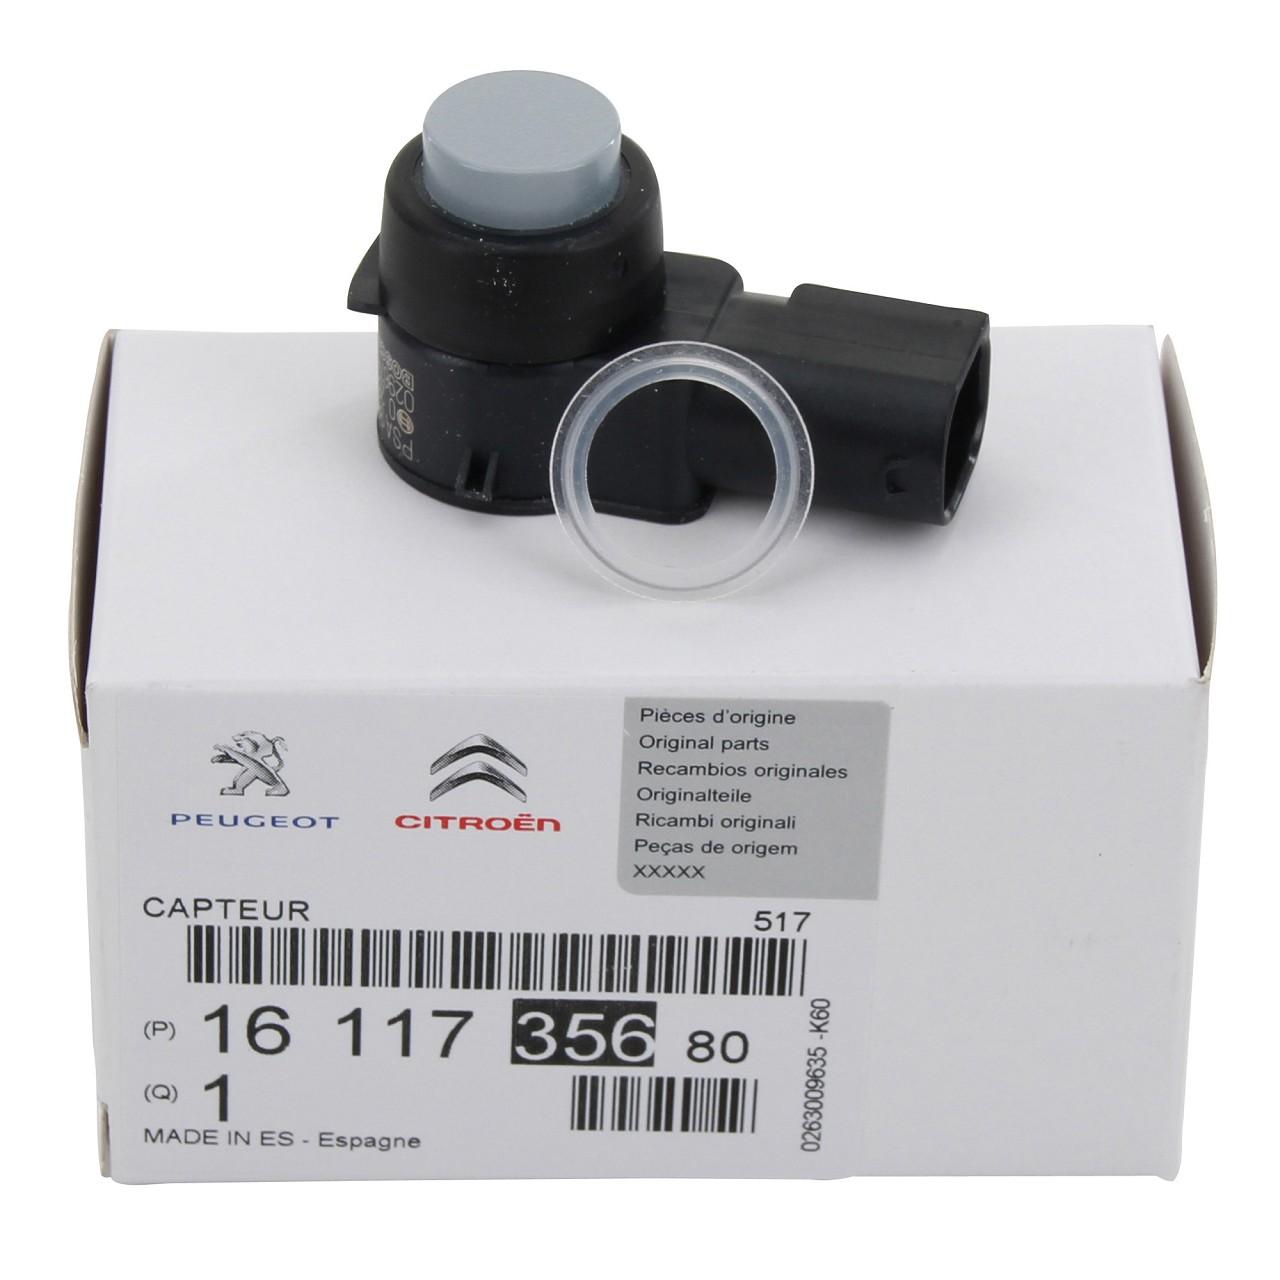 ORIGINAL Citroen Peugeot Einparkhilfe Einparksensor Rückfahrsensor 1611735680